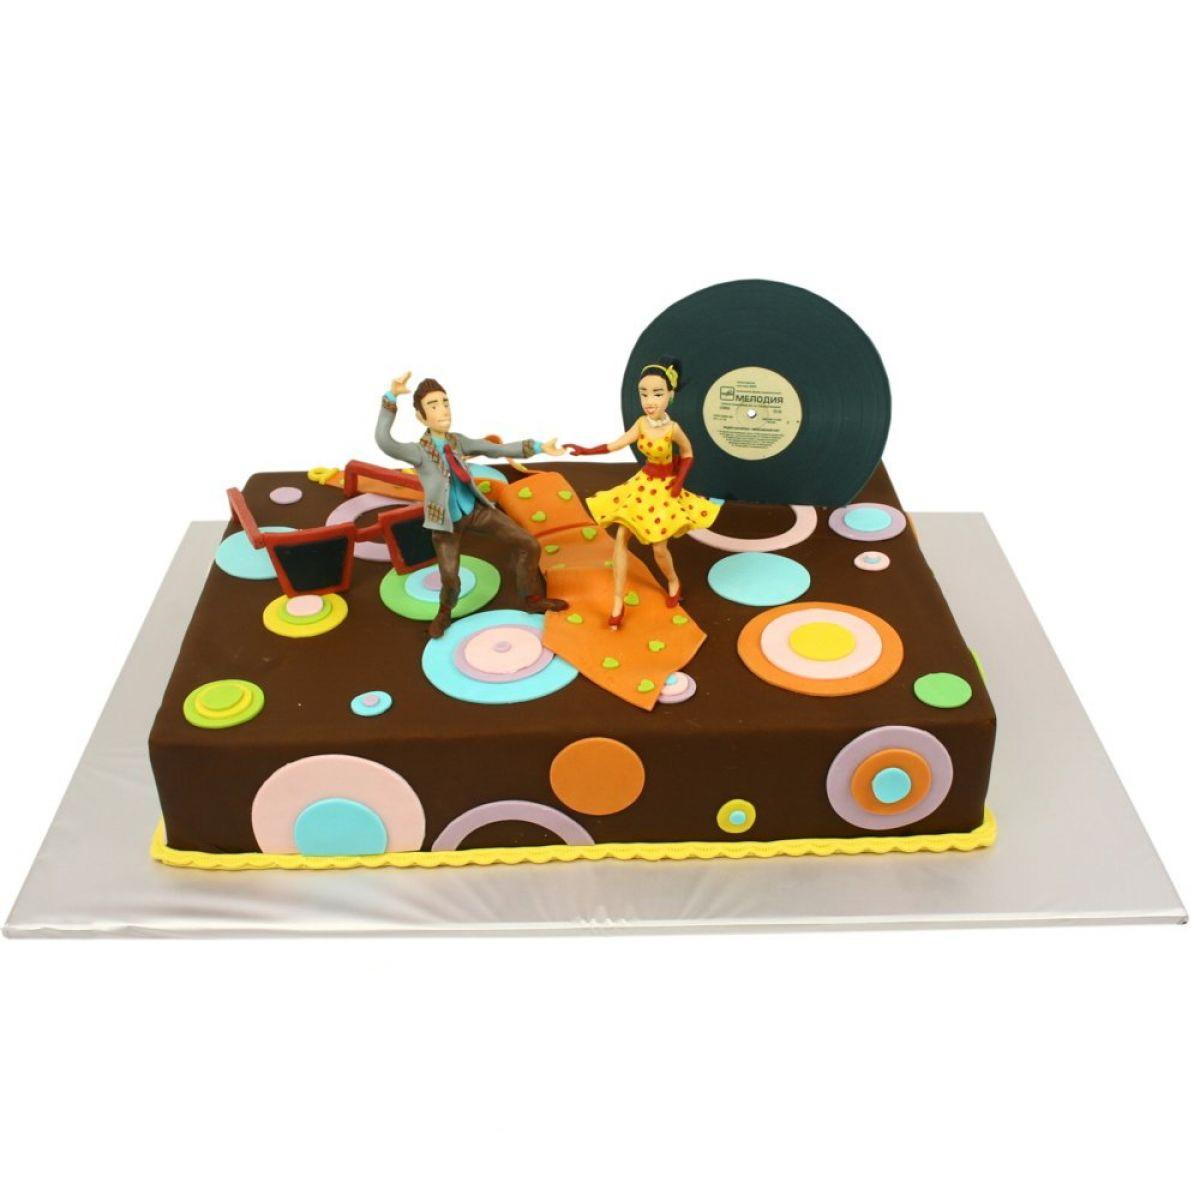 №1272 Торт танцы